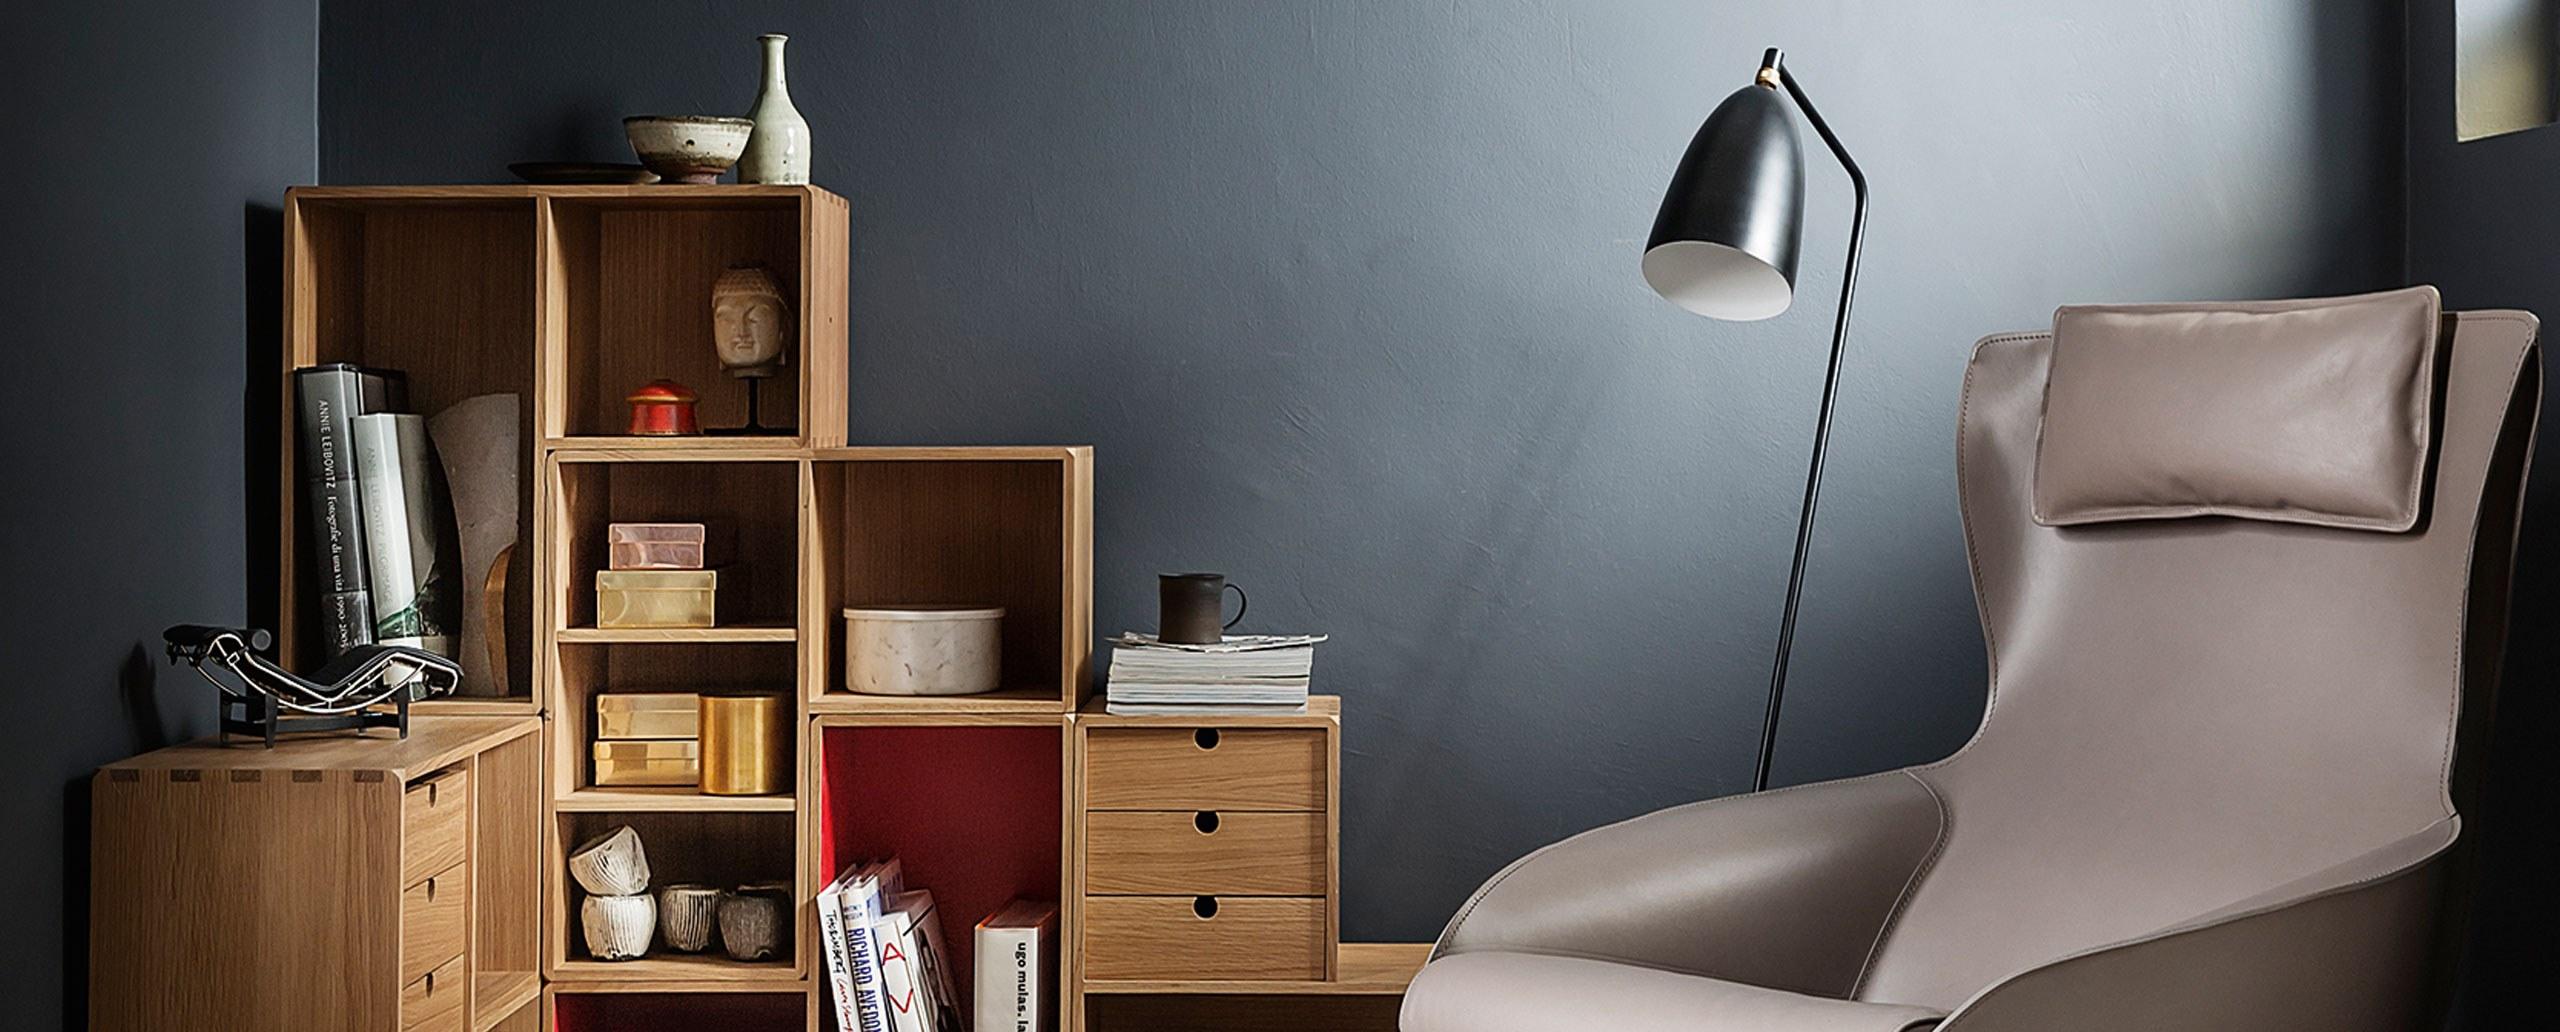 Bonito Endbed Banco Con Muebles De Almacenamiento Ornamento ...